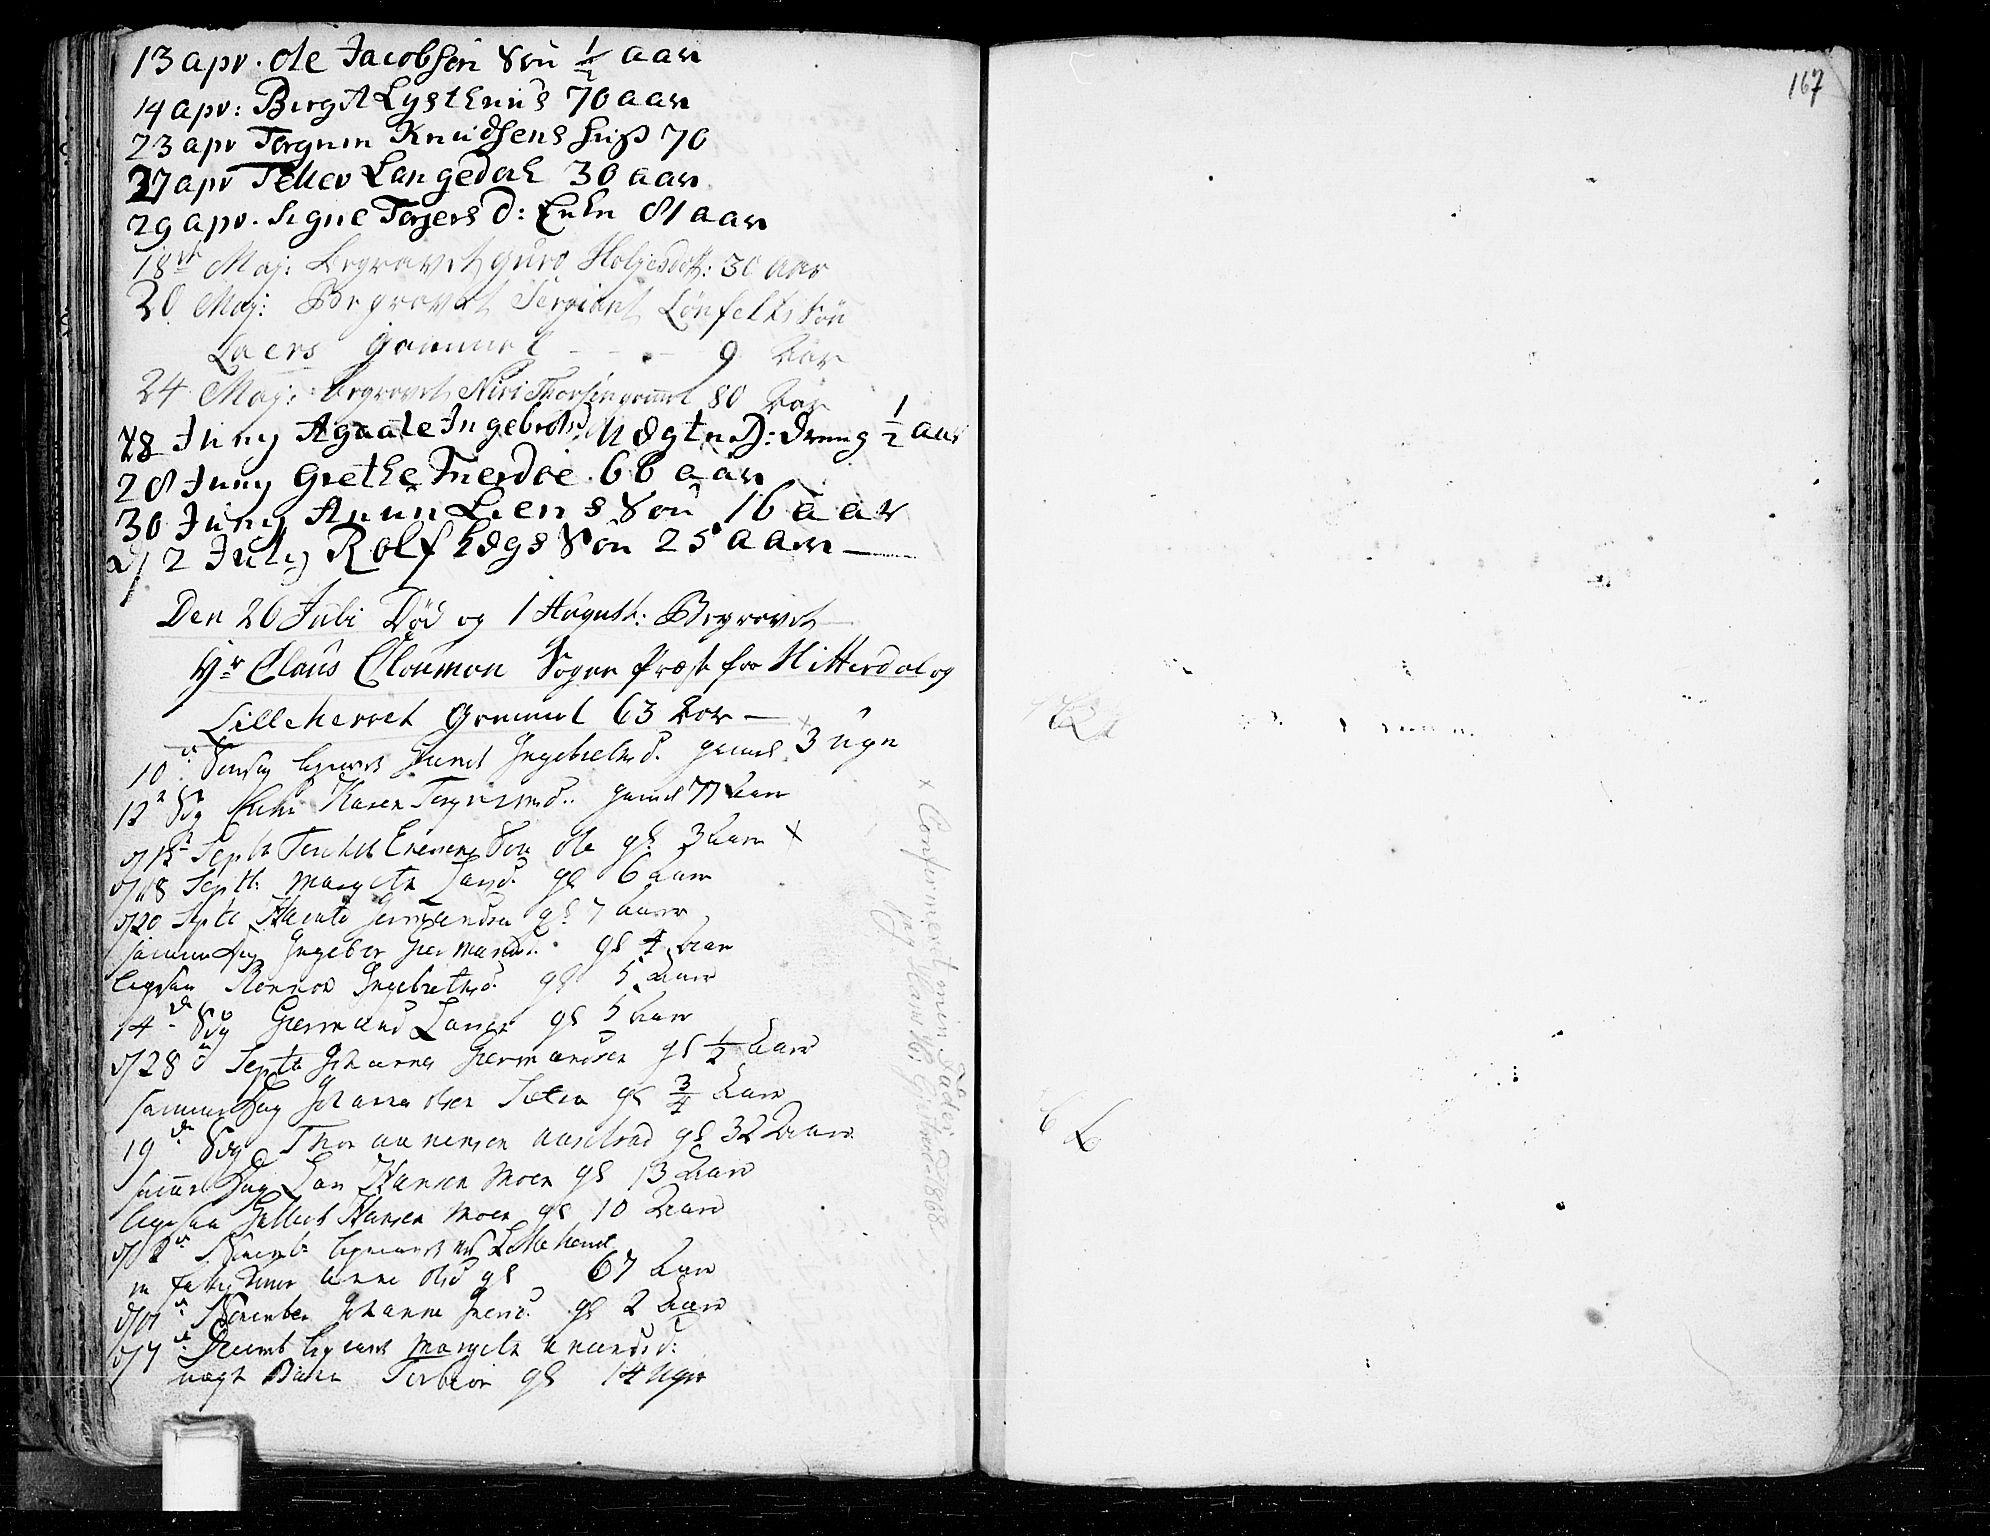 SAKO, Heddal kirkebøker, F/Fa/L0003: Ministerialbok nr. I 3, 1723-1783, s. 167